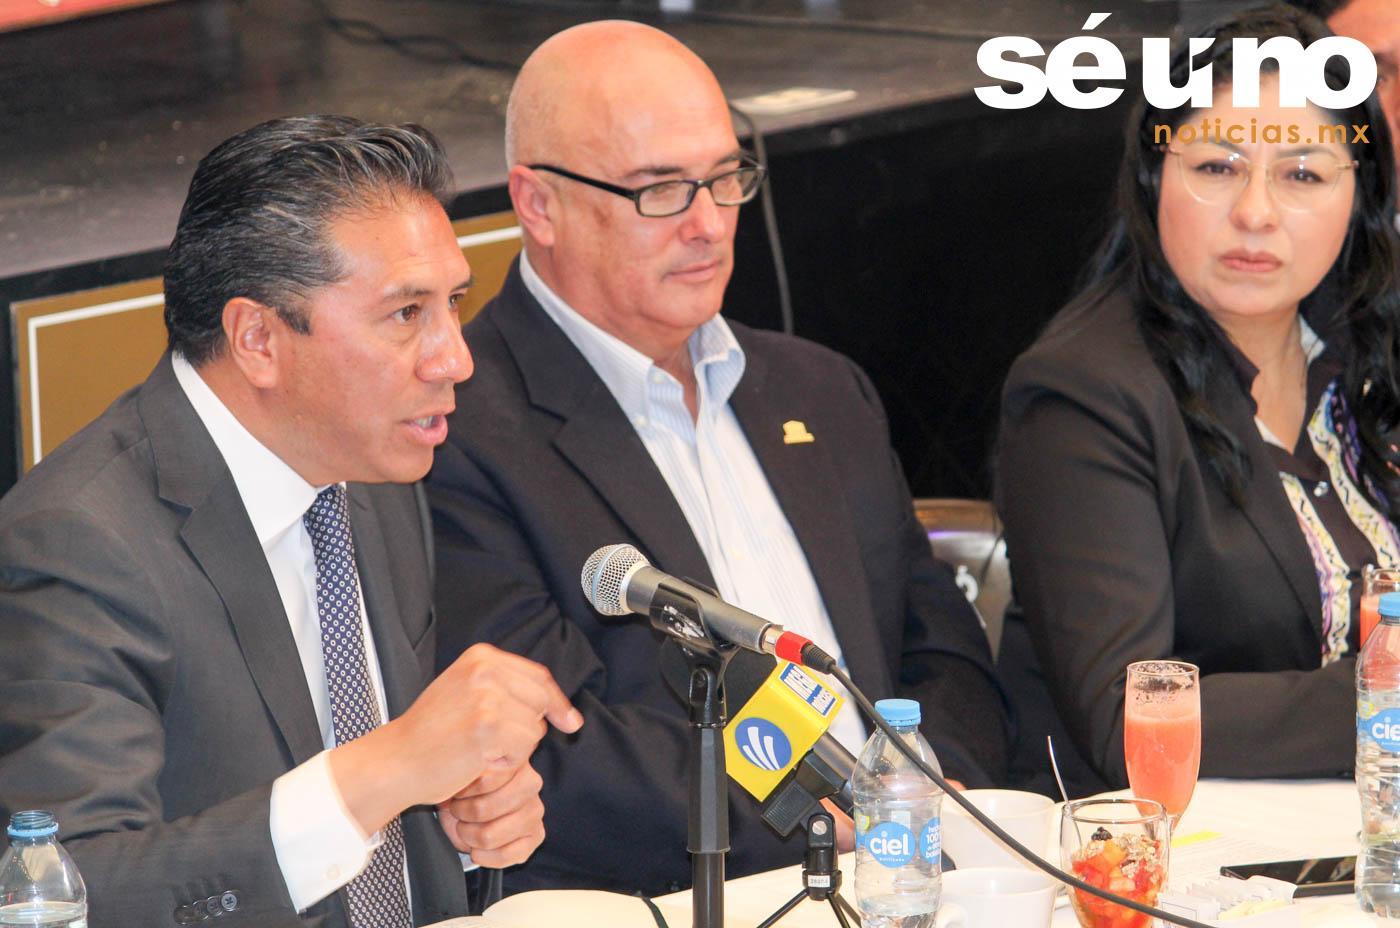 """En materia de seguridad en Toluca """"ha habido y seguirá habiendo un trabajo coordinado con los gobiernos federal y estatal"""", aseguró el alcalde Juan Rodolfo Sánchez Gómez durante una reunión con integrantes del Patronato Pro-Centro Histórico."""